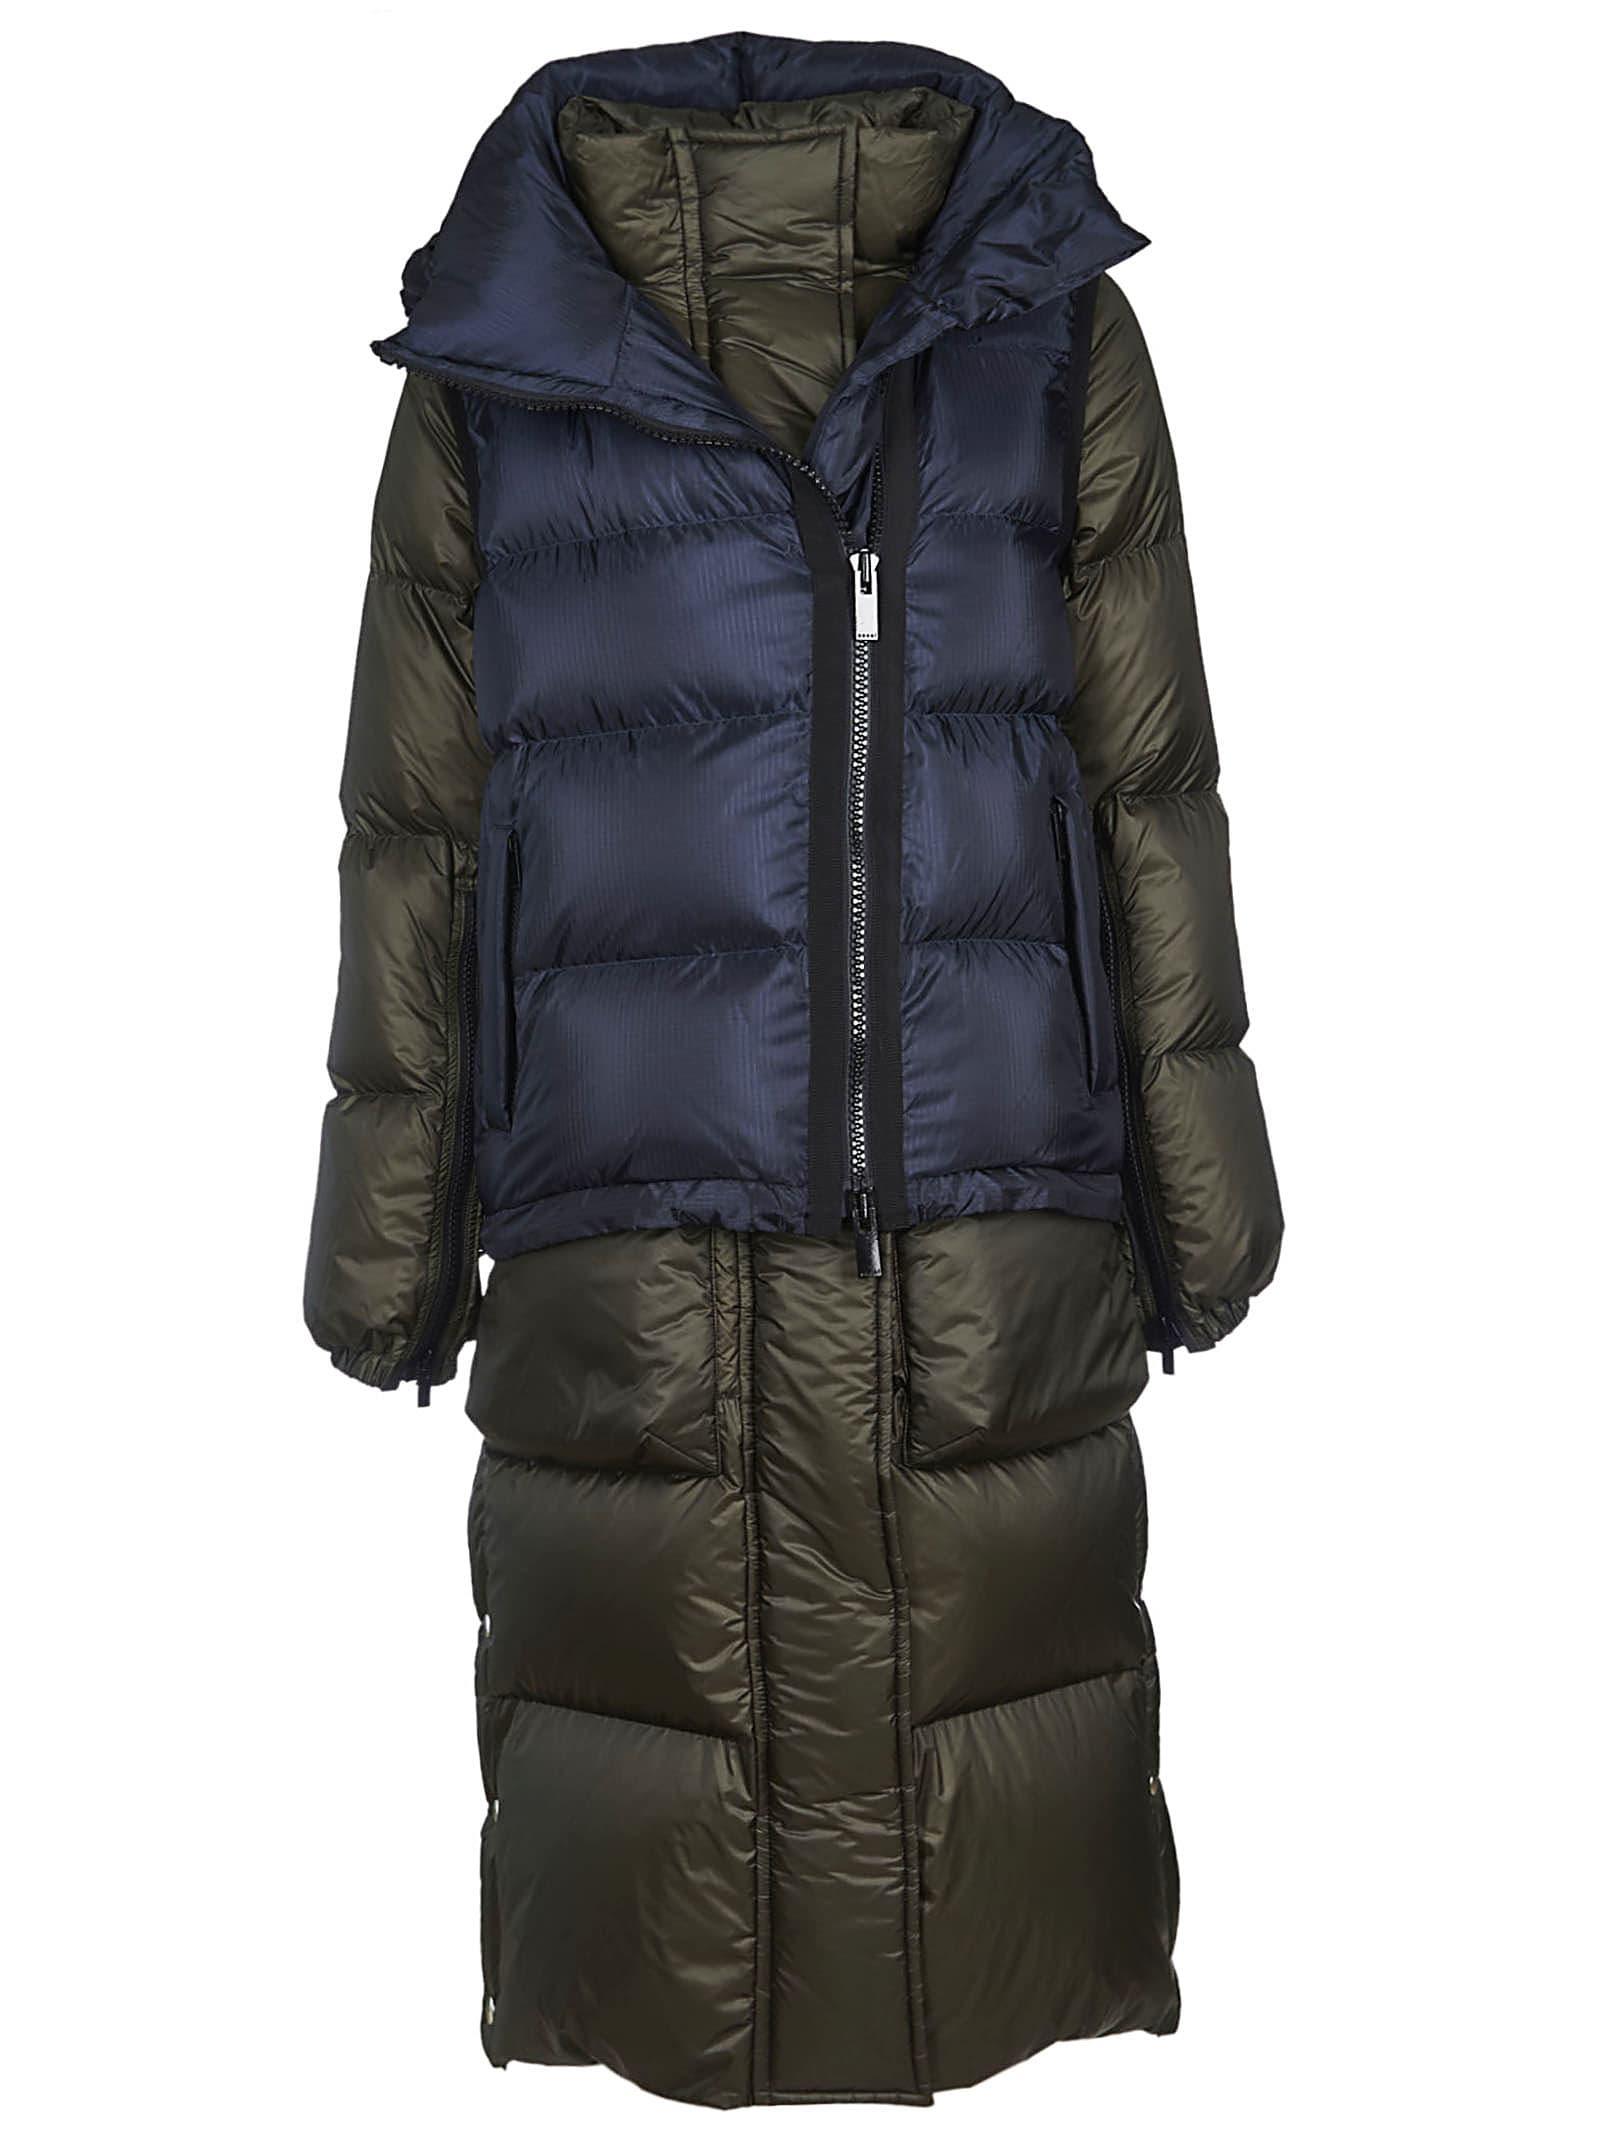 Sacai Layered Long Down Jacket